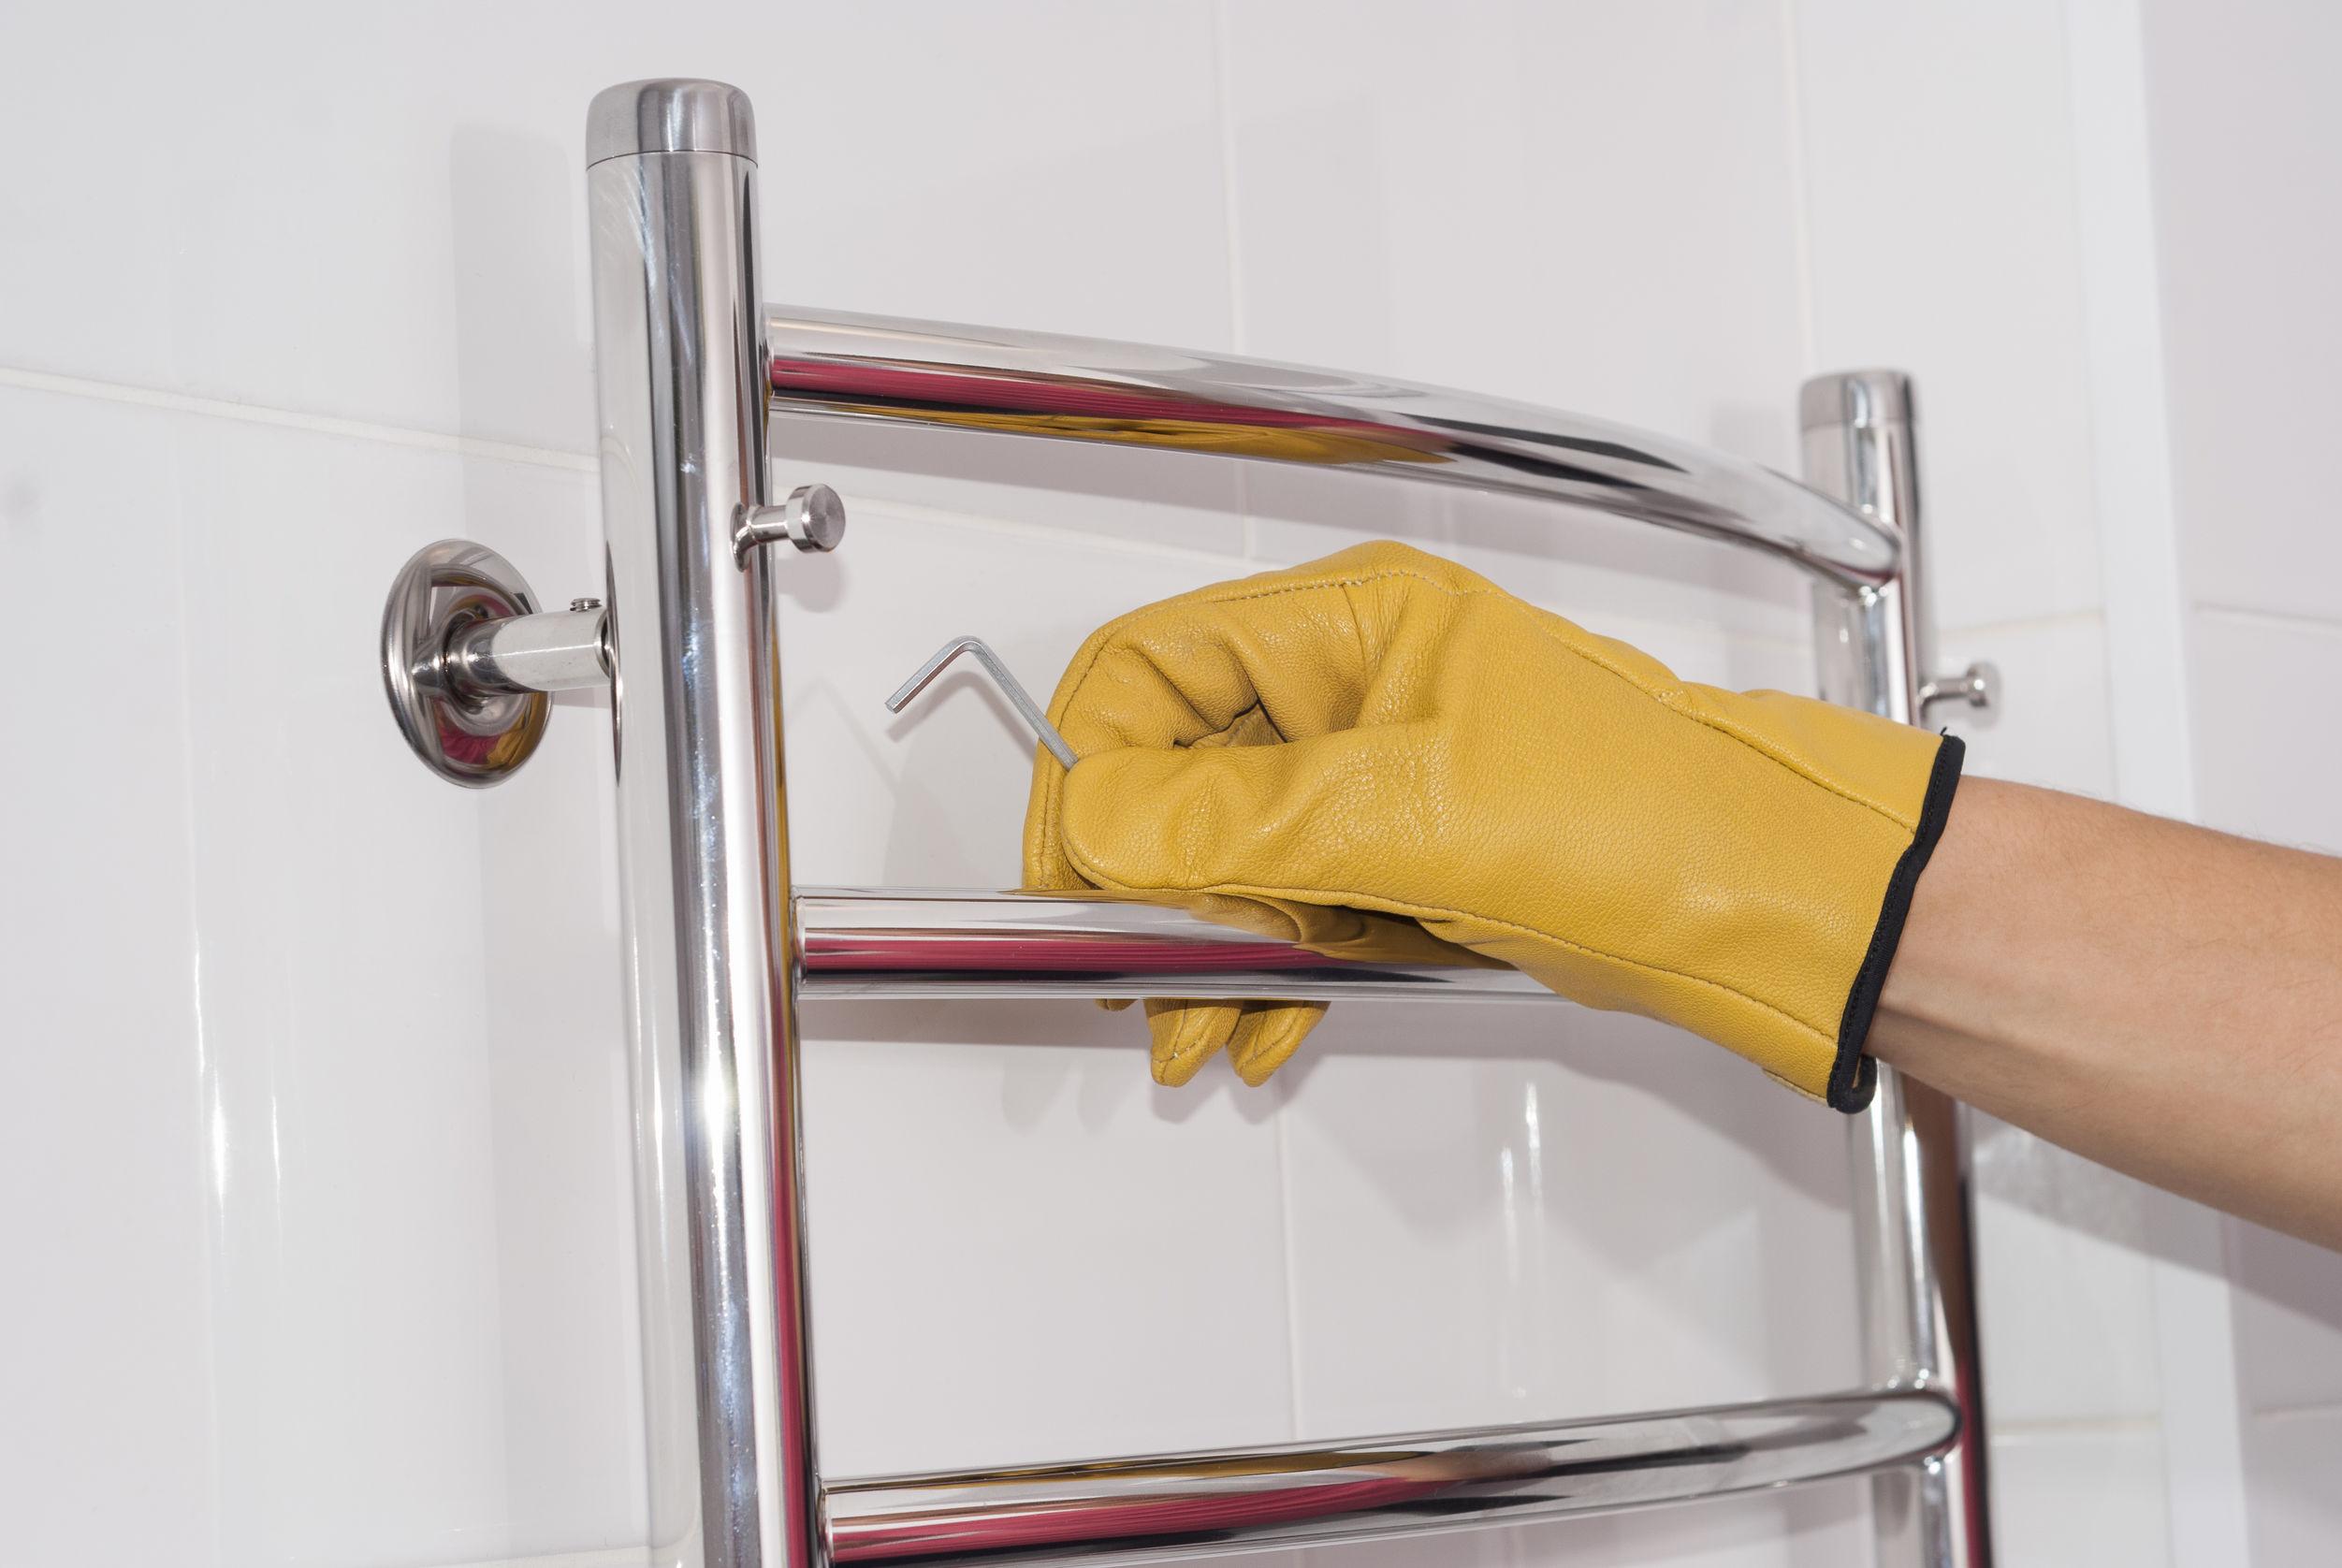 El hombre instala un toallero eléctrico con calefacción en el baño